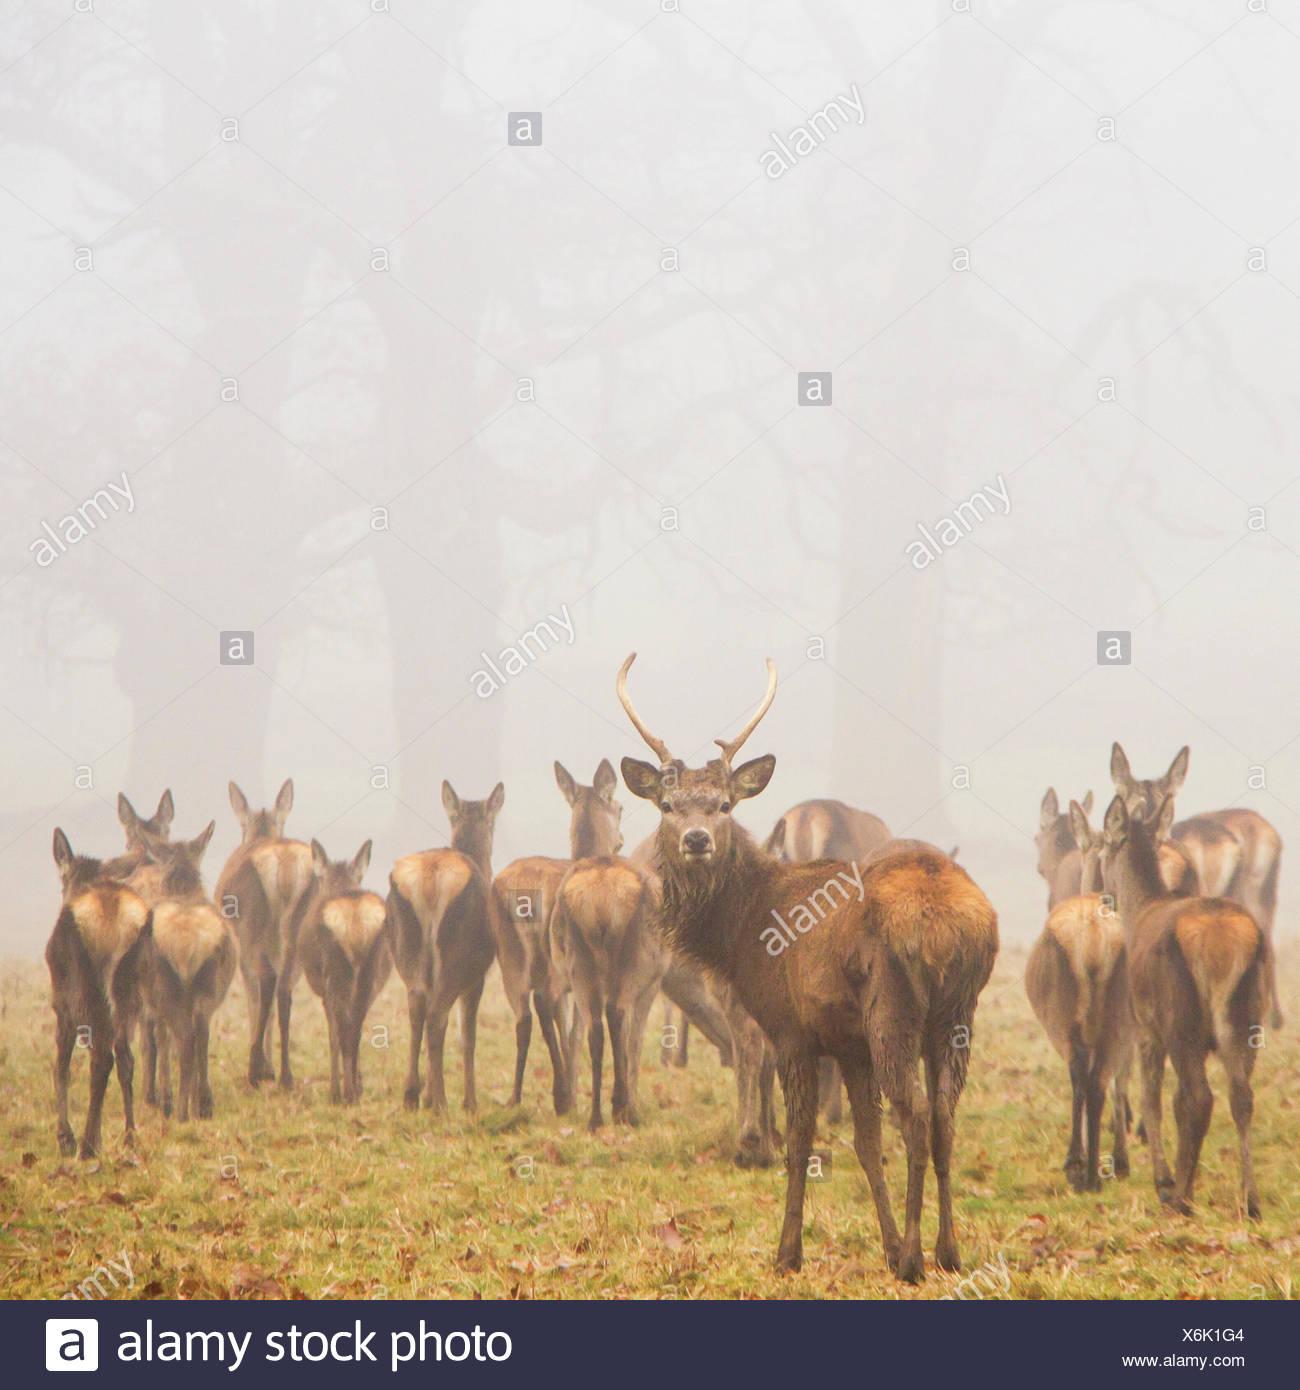 Herd of deer in park, Berkshire, England, UK - Stock Image